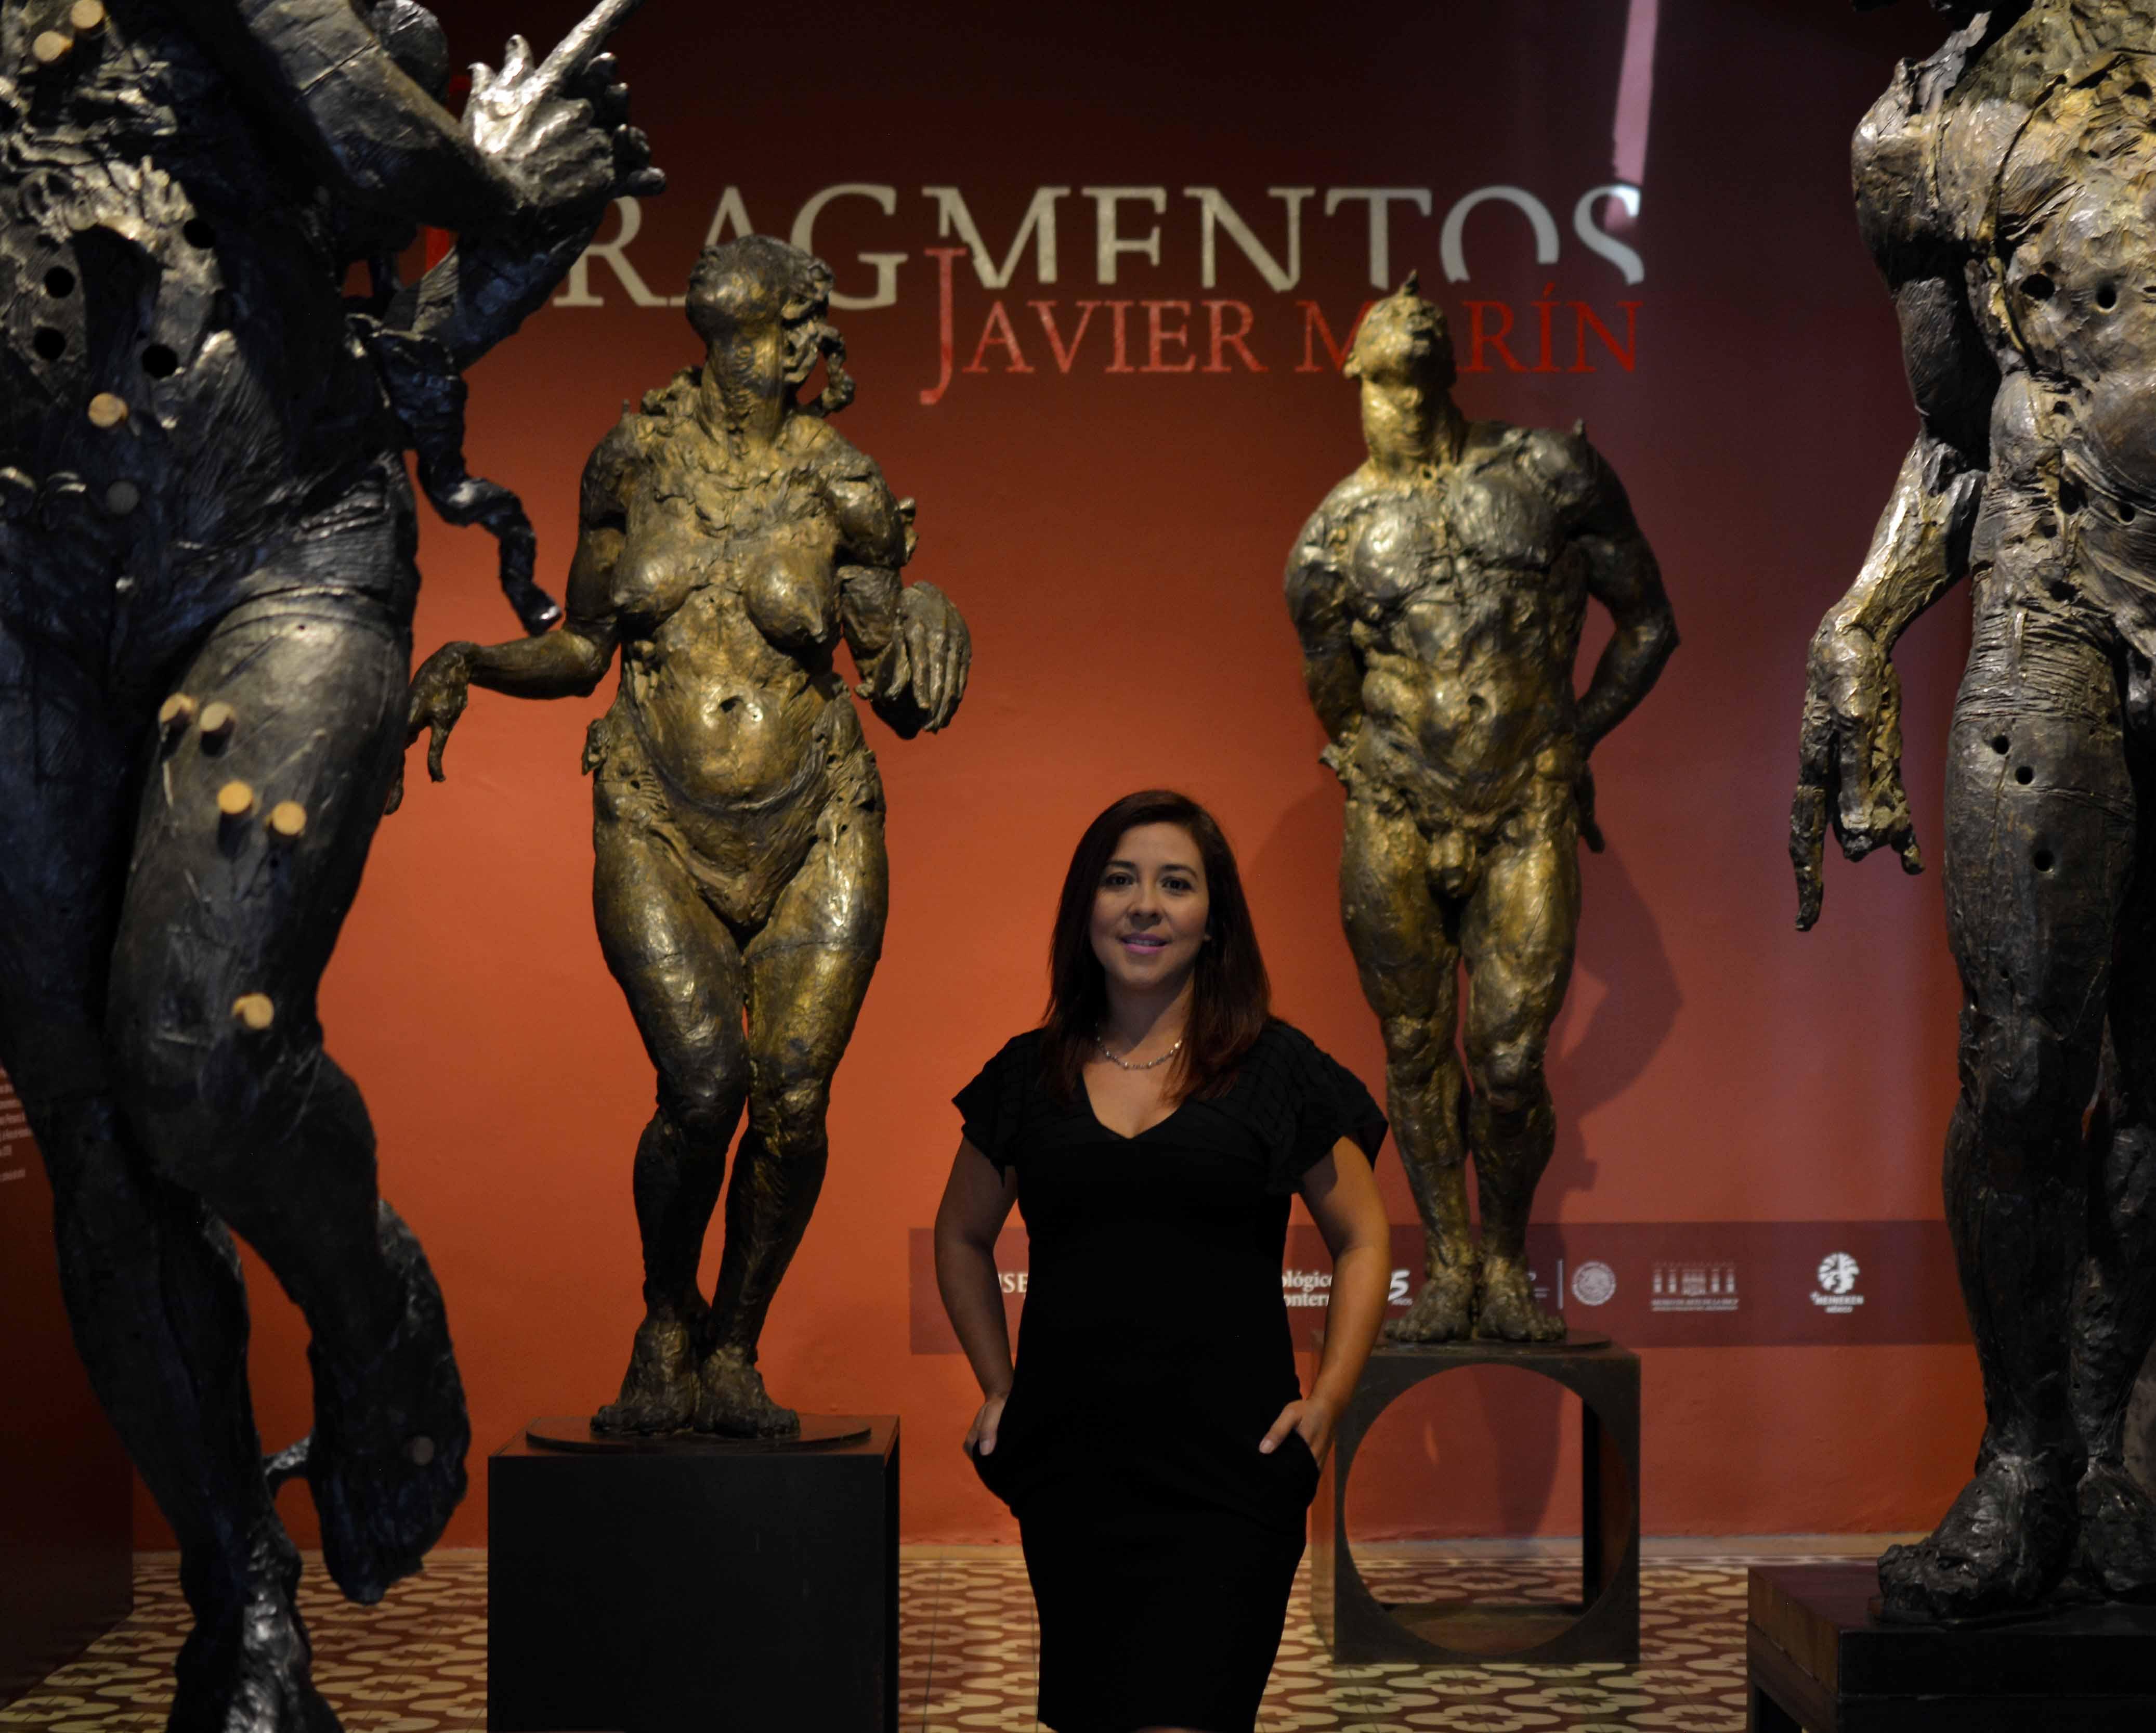 En Museo del Tec presentan exposición de Javier Marín